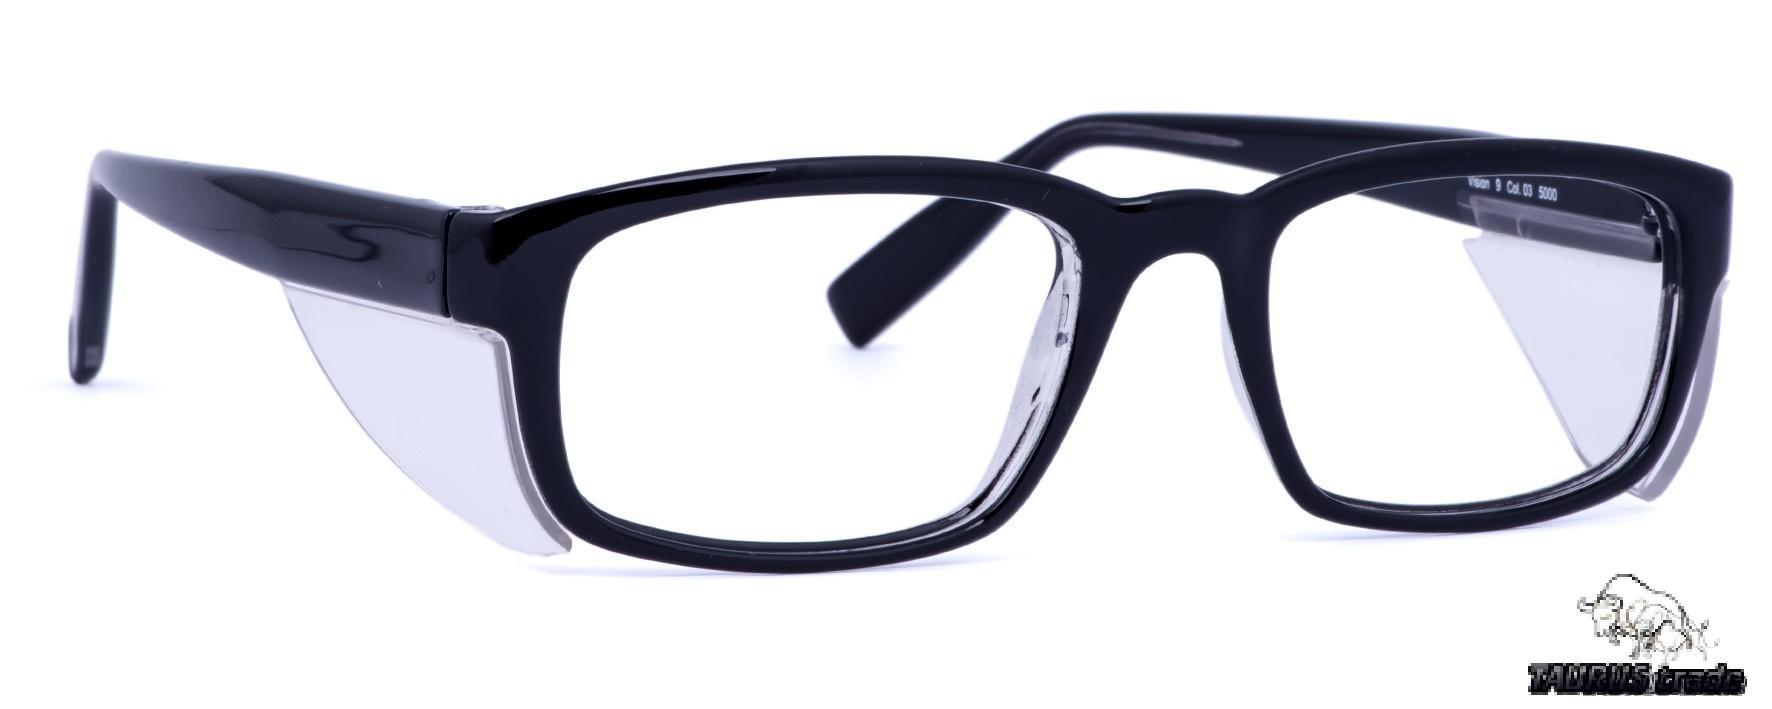 2095-03-5016-VISION-9-schwarz